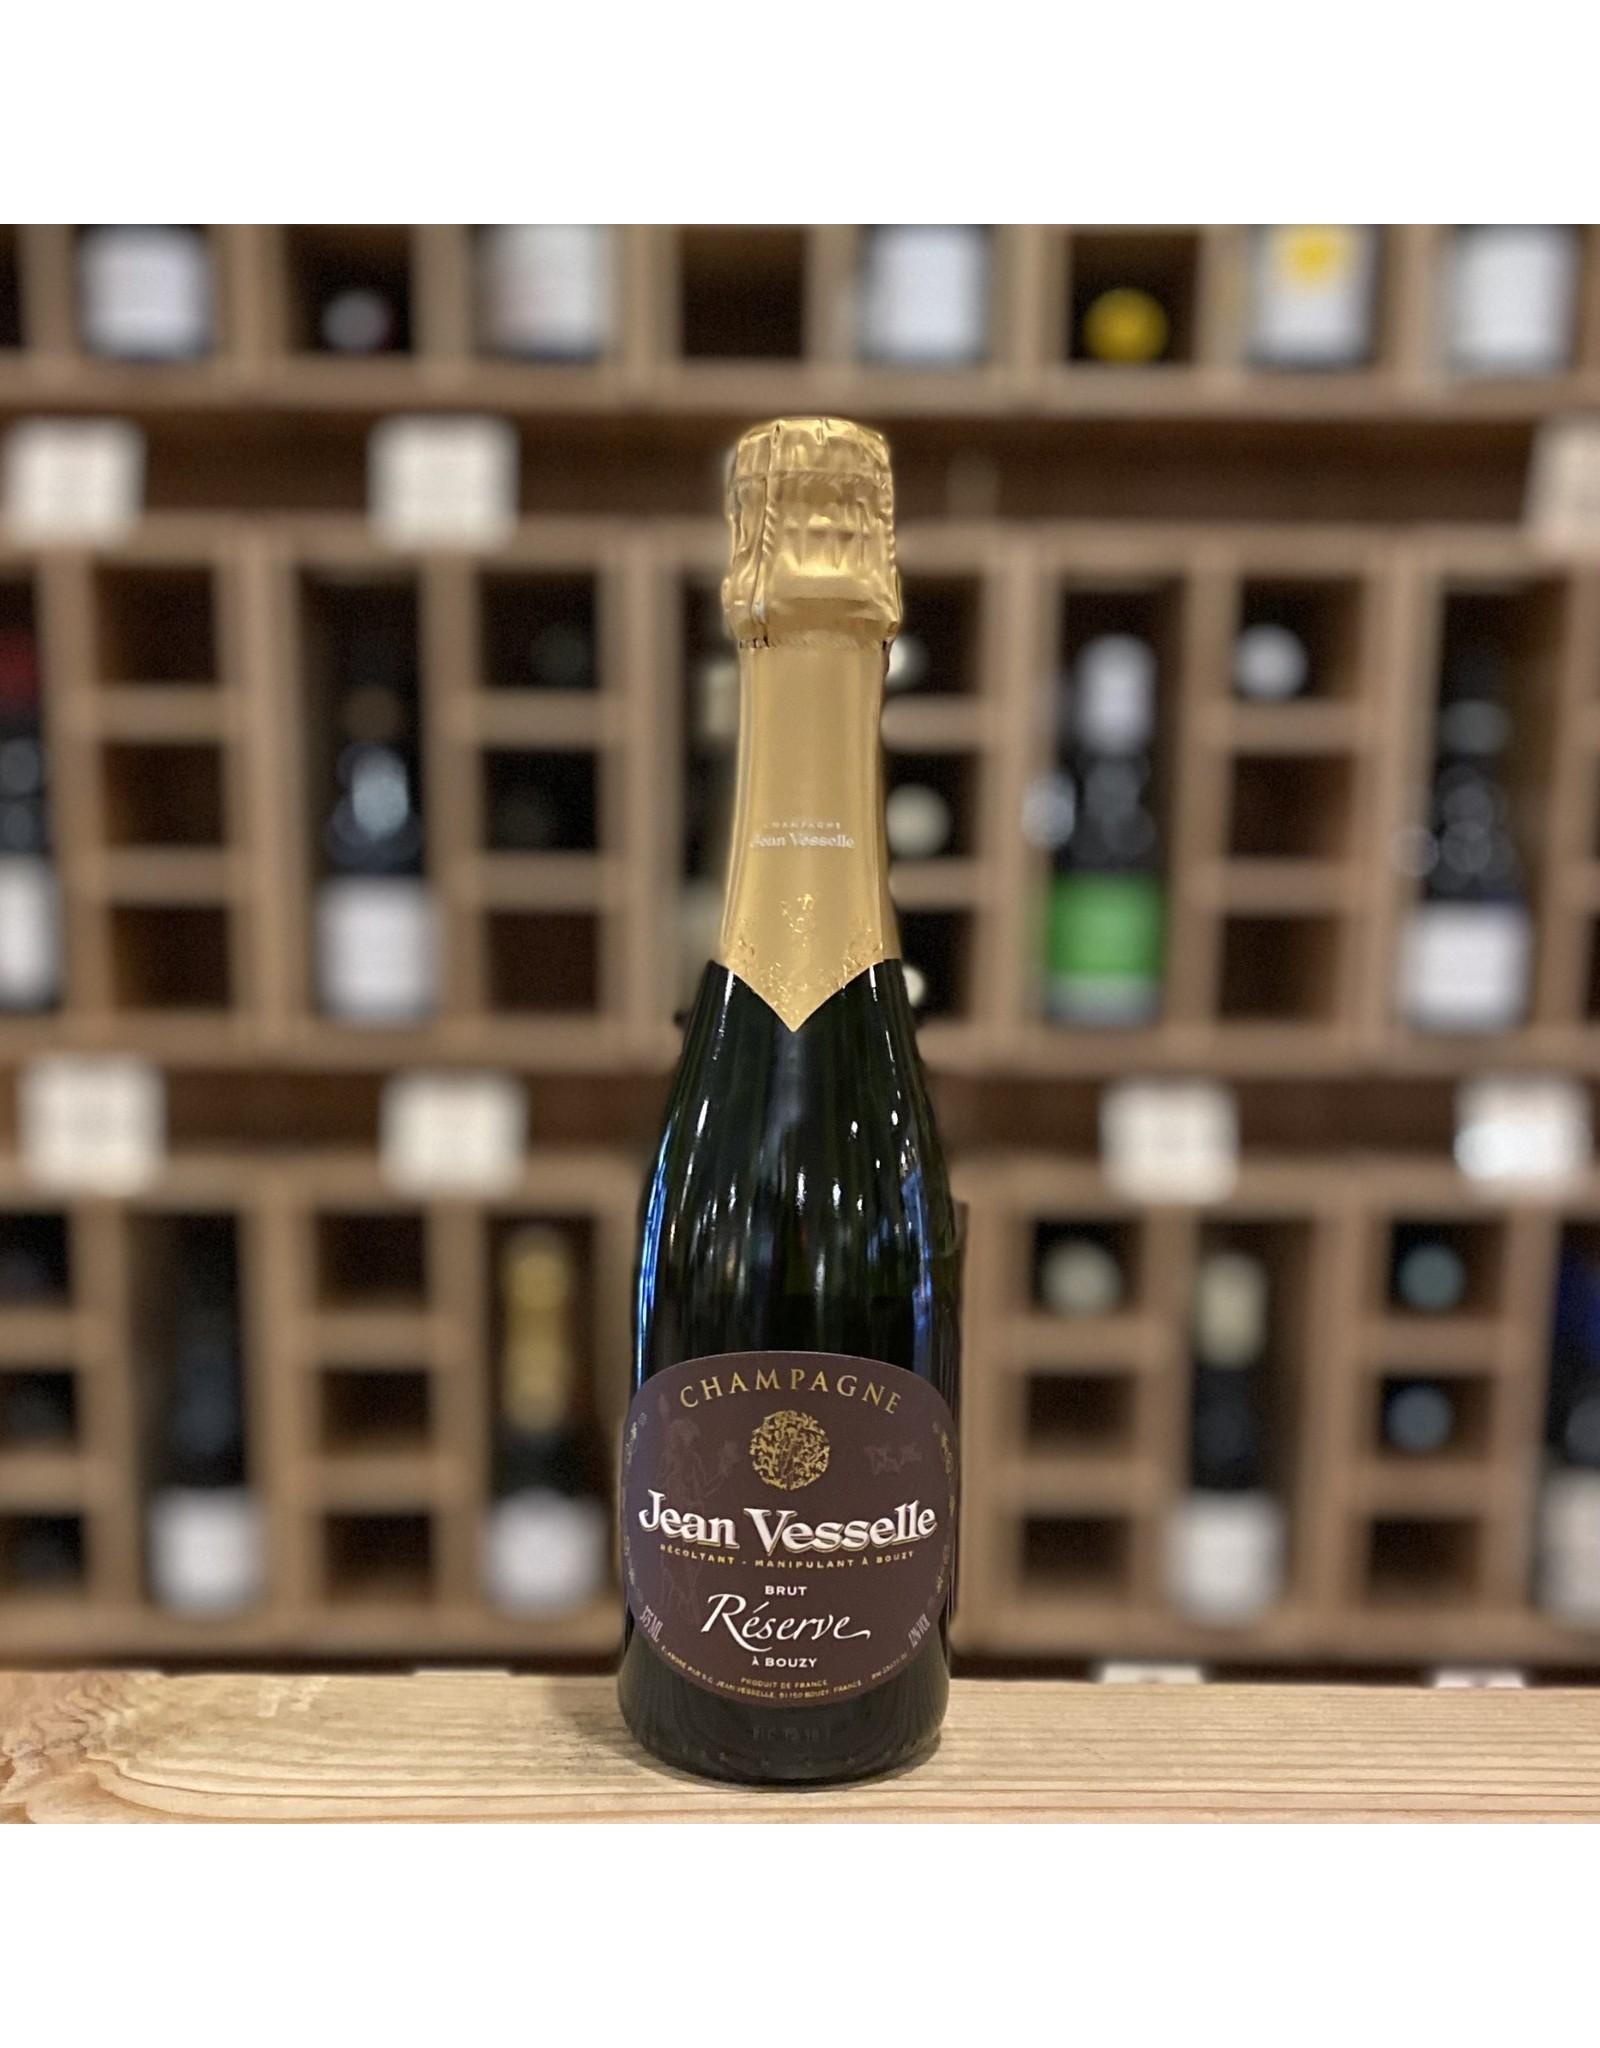 France Jean Vesselle Brut Reserve Champagne 375ml - Champagne FR